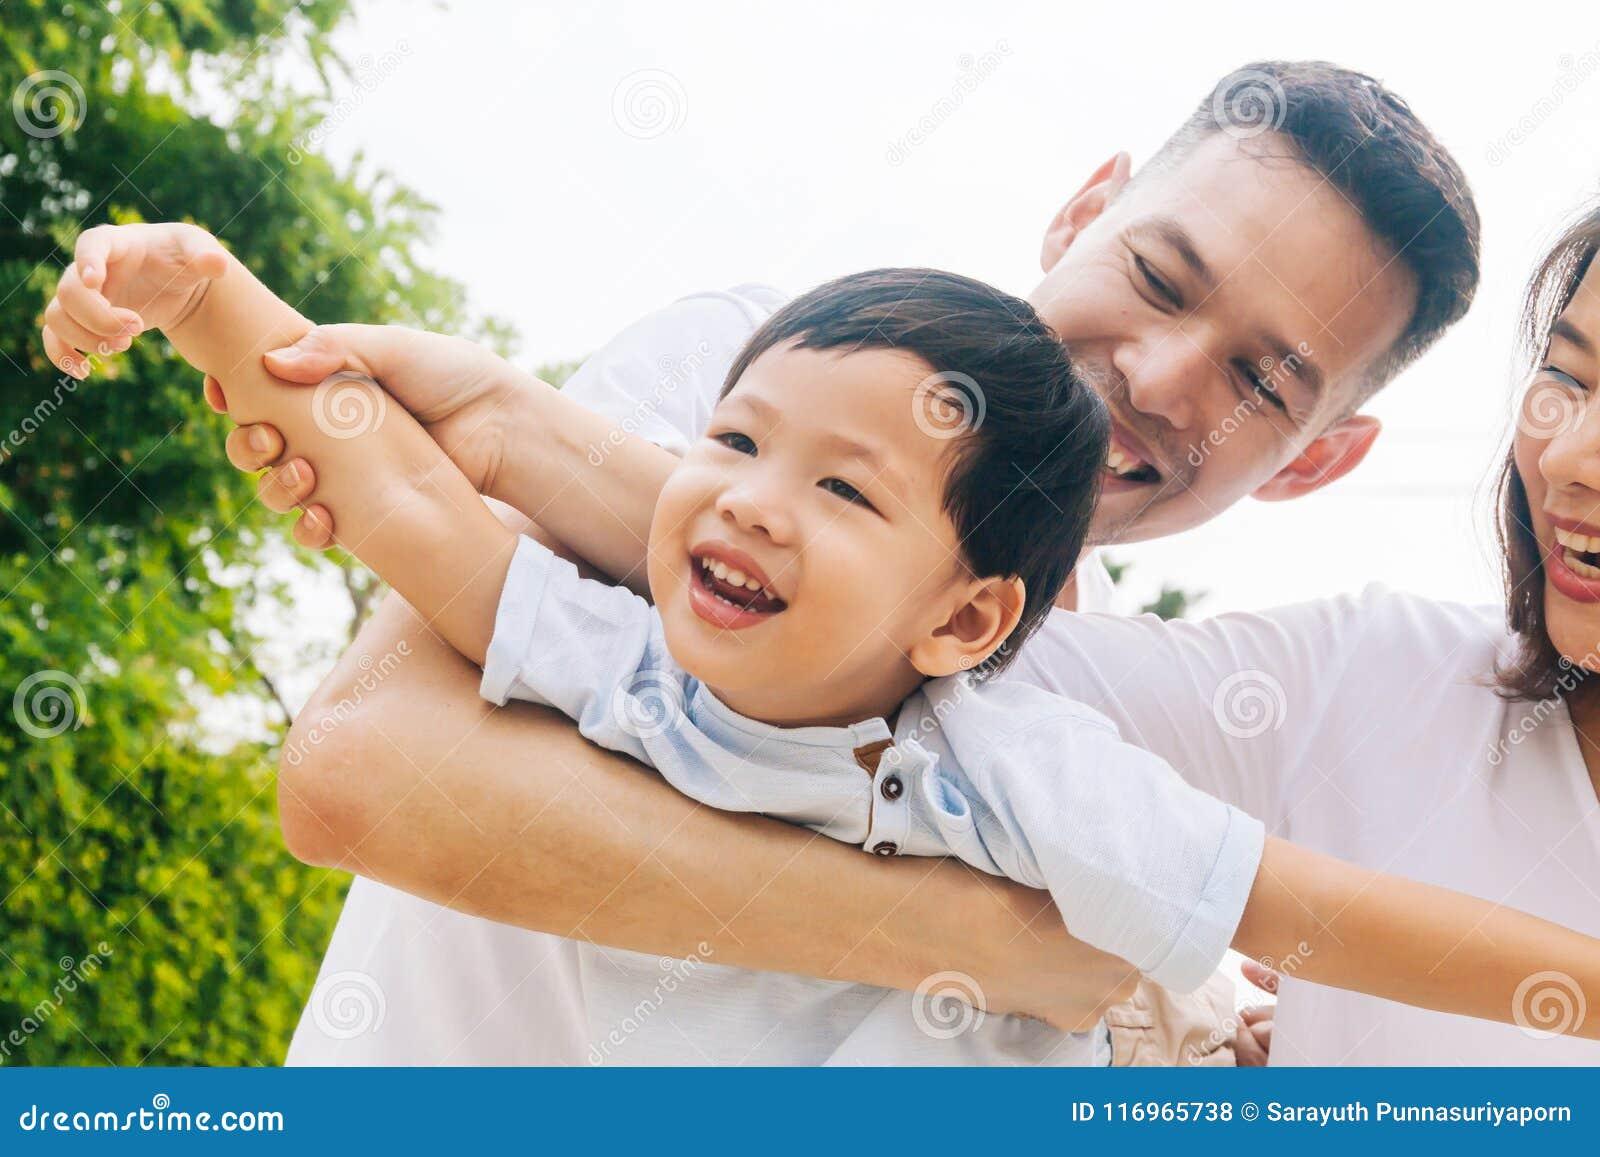 Azjatycki rodzinny mieć zabawę i niosący dziecko parka publicznie